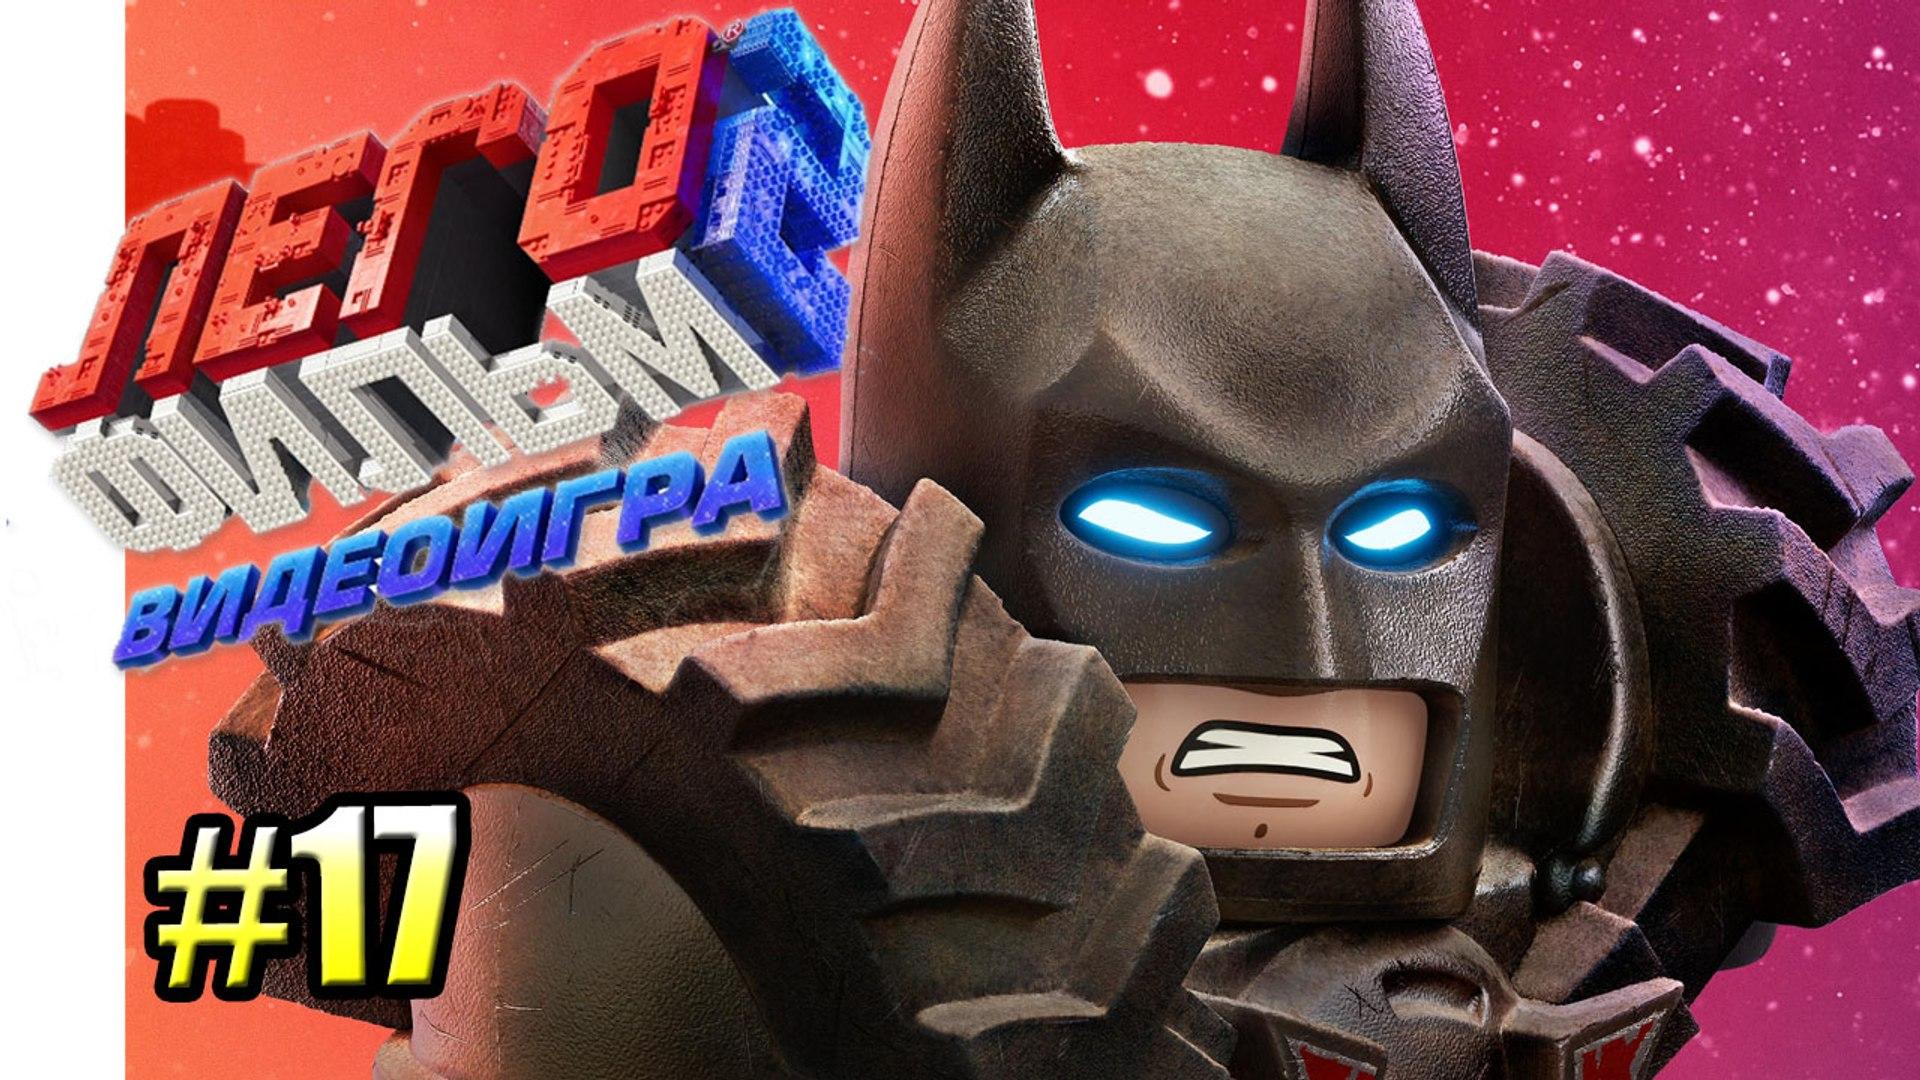 The LEGO Movie 2 Videogame прохождение #17 на русском {PC} Сортировочная Зона на 100%